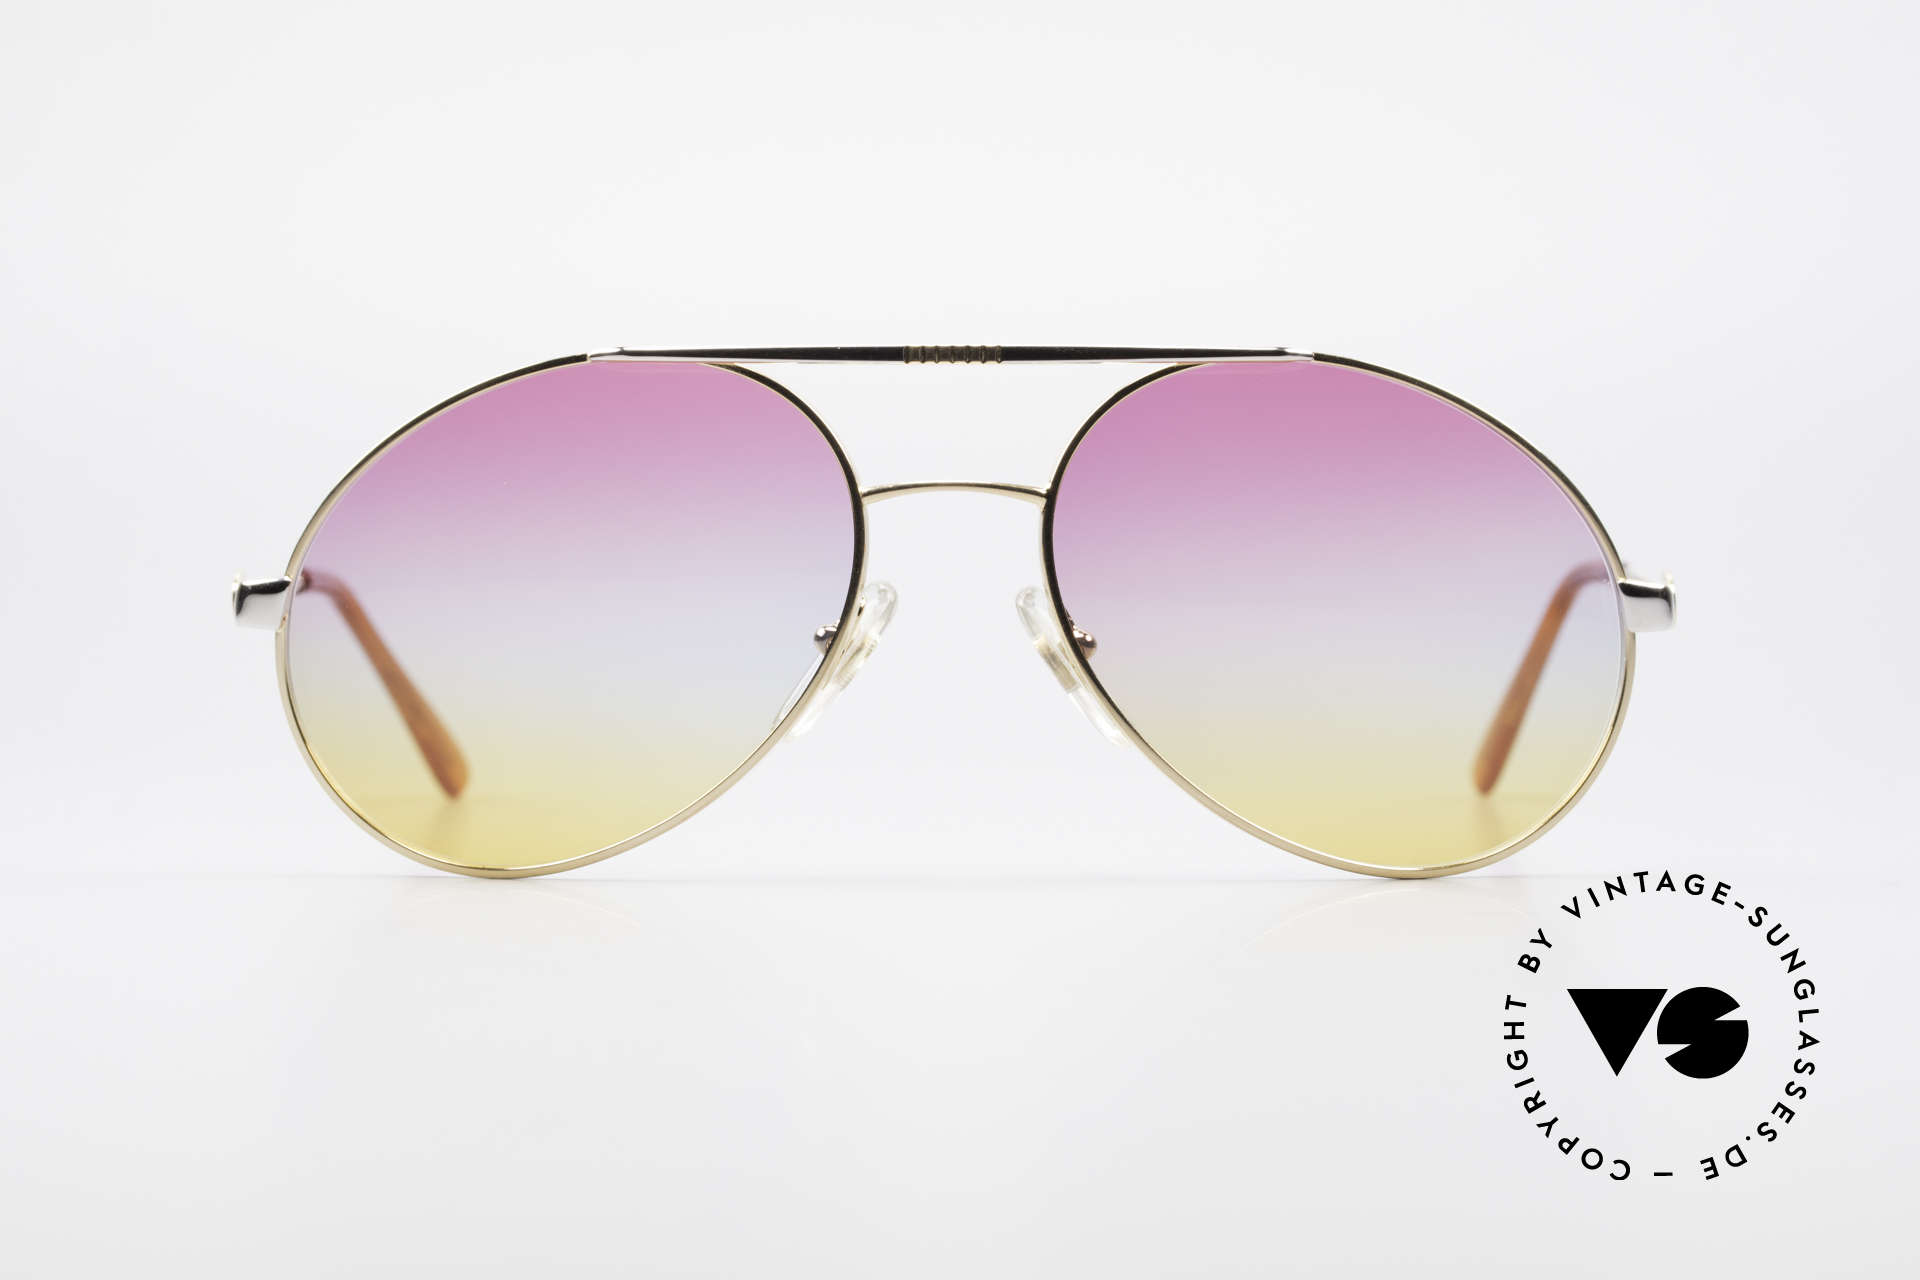 Bugatti 64320 Rare 80er Sonnenbrille Vintage, legendäre Bugatti Brillenform in Top-Qualität, Passend für Herren